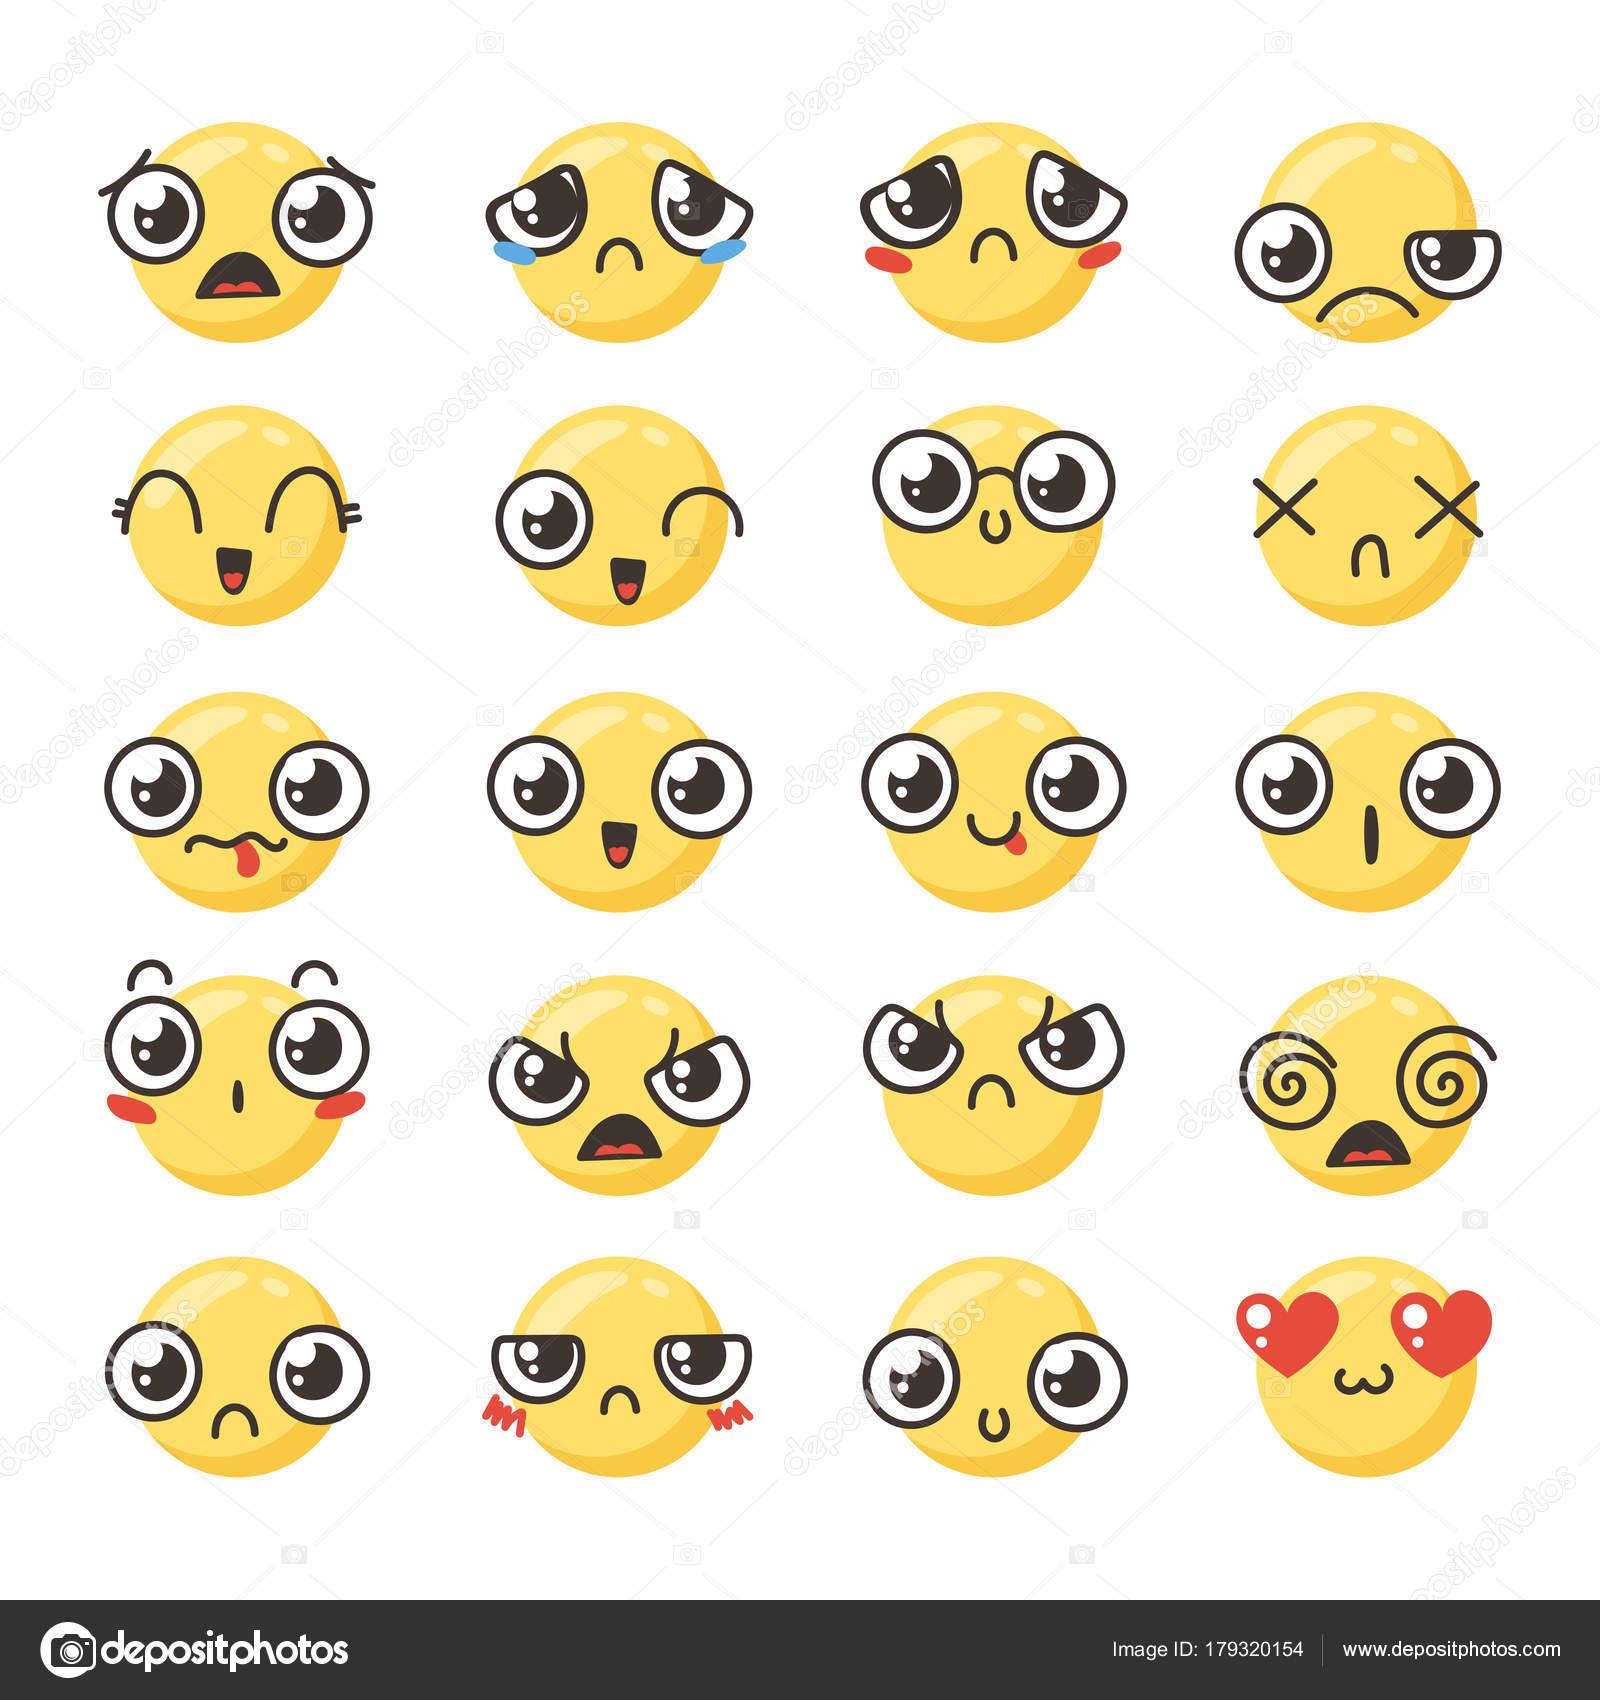 キュートかわいいカワイイ絵文字のセット — ストックベクター © drekhann